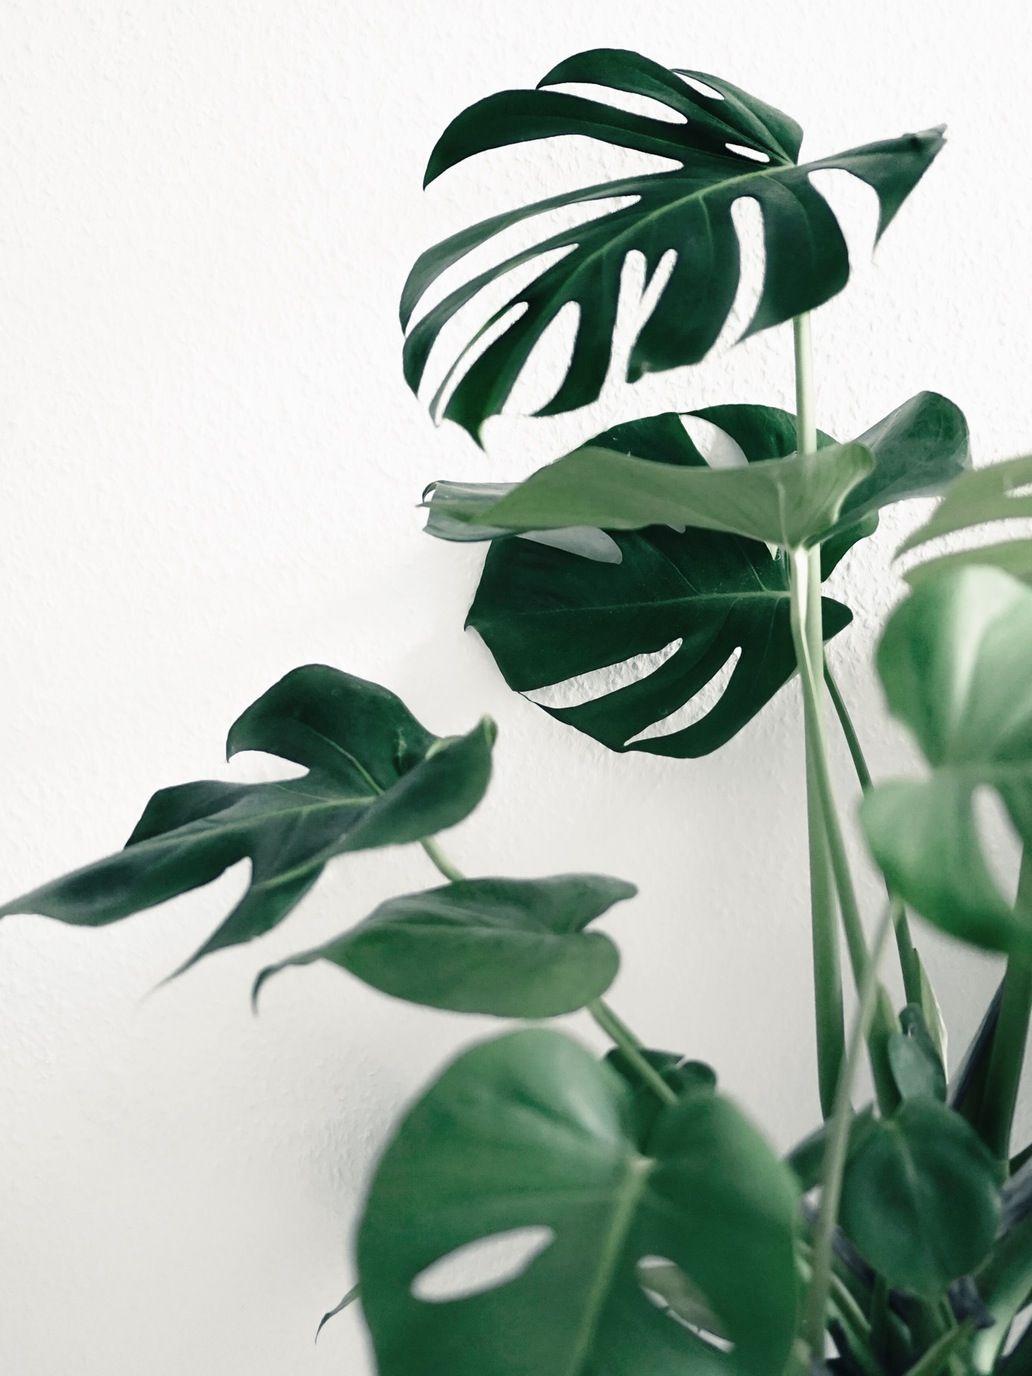 monstera pflanze f r dunklen standort wenn sie eingeht kann man nur noch seidenblumen nehmen. Black Bedroom Furniture Sets. Home Design Ideas